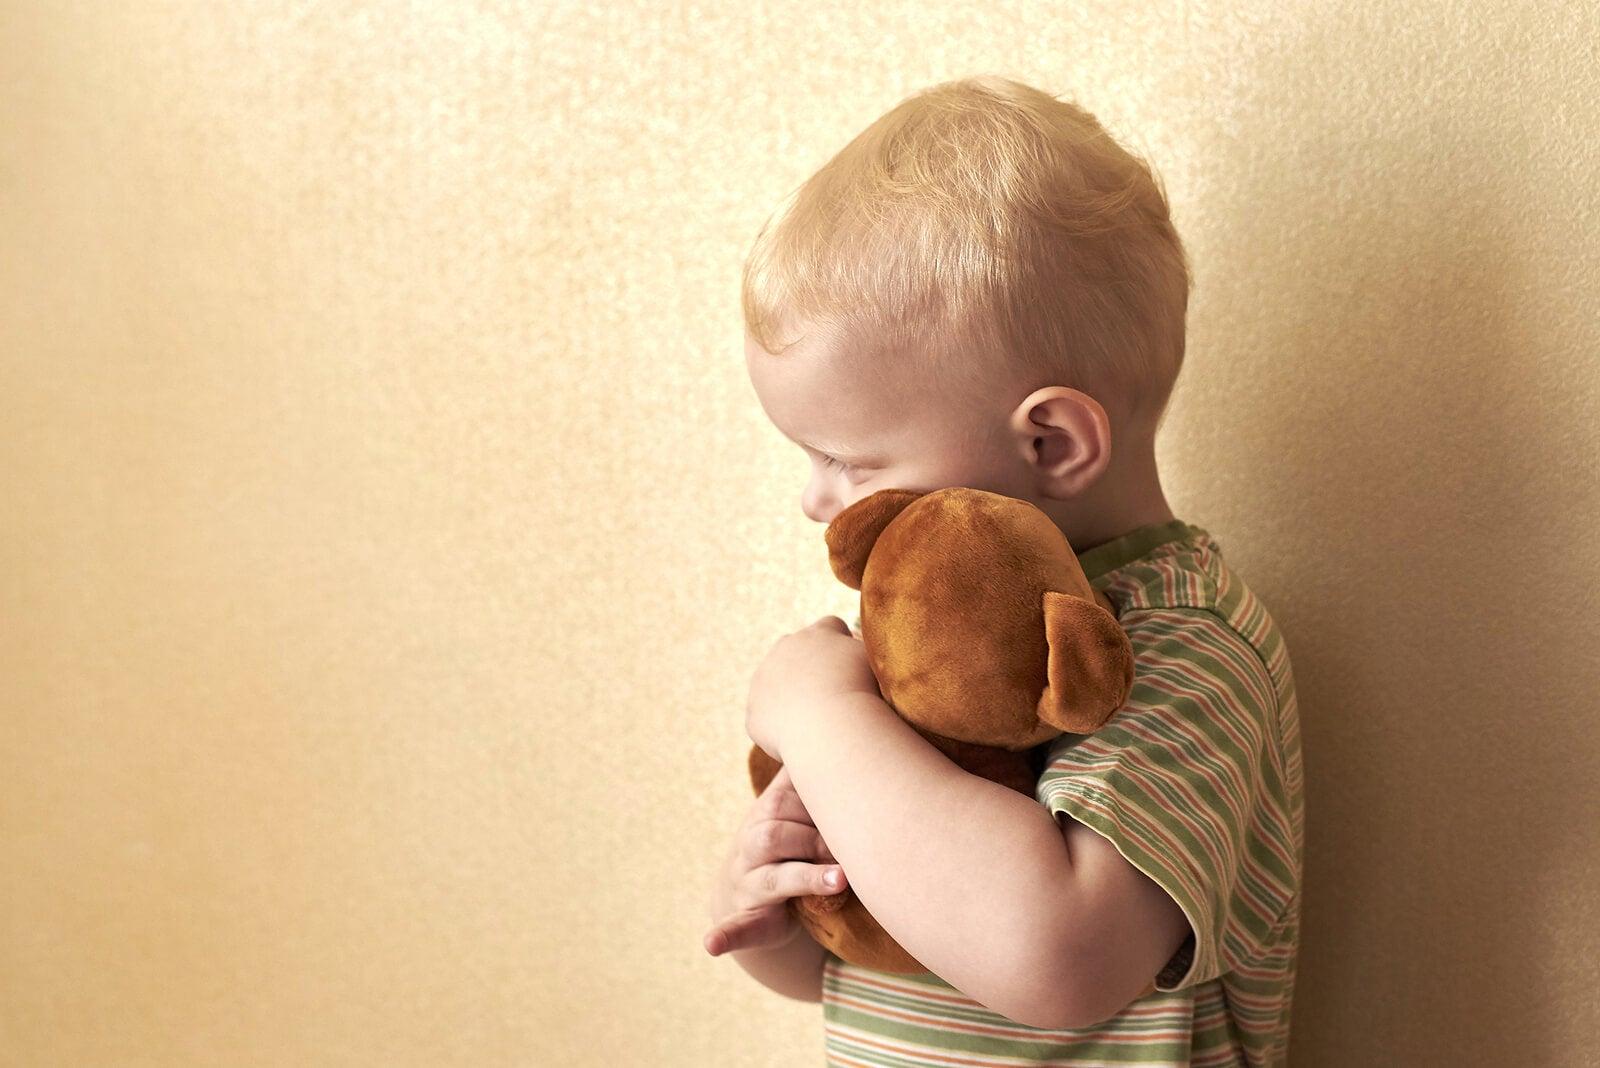 Niño abrazando un peluche para intentar desmontar sus miedos.